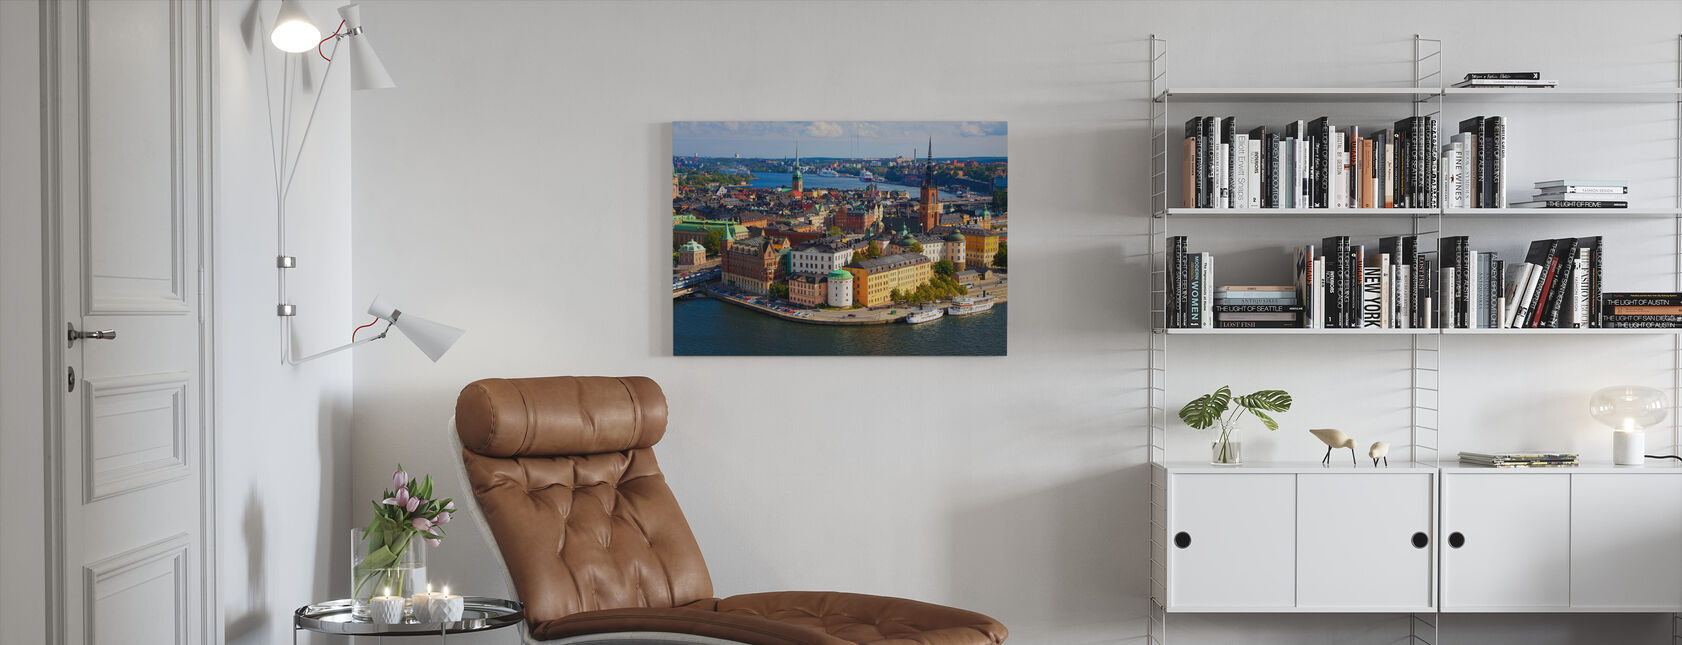 Stockholm im Sonnenlicht - Leinwandbild - Wohnzimmer